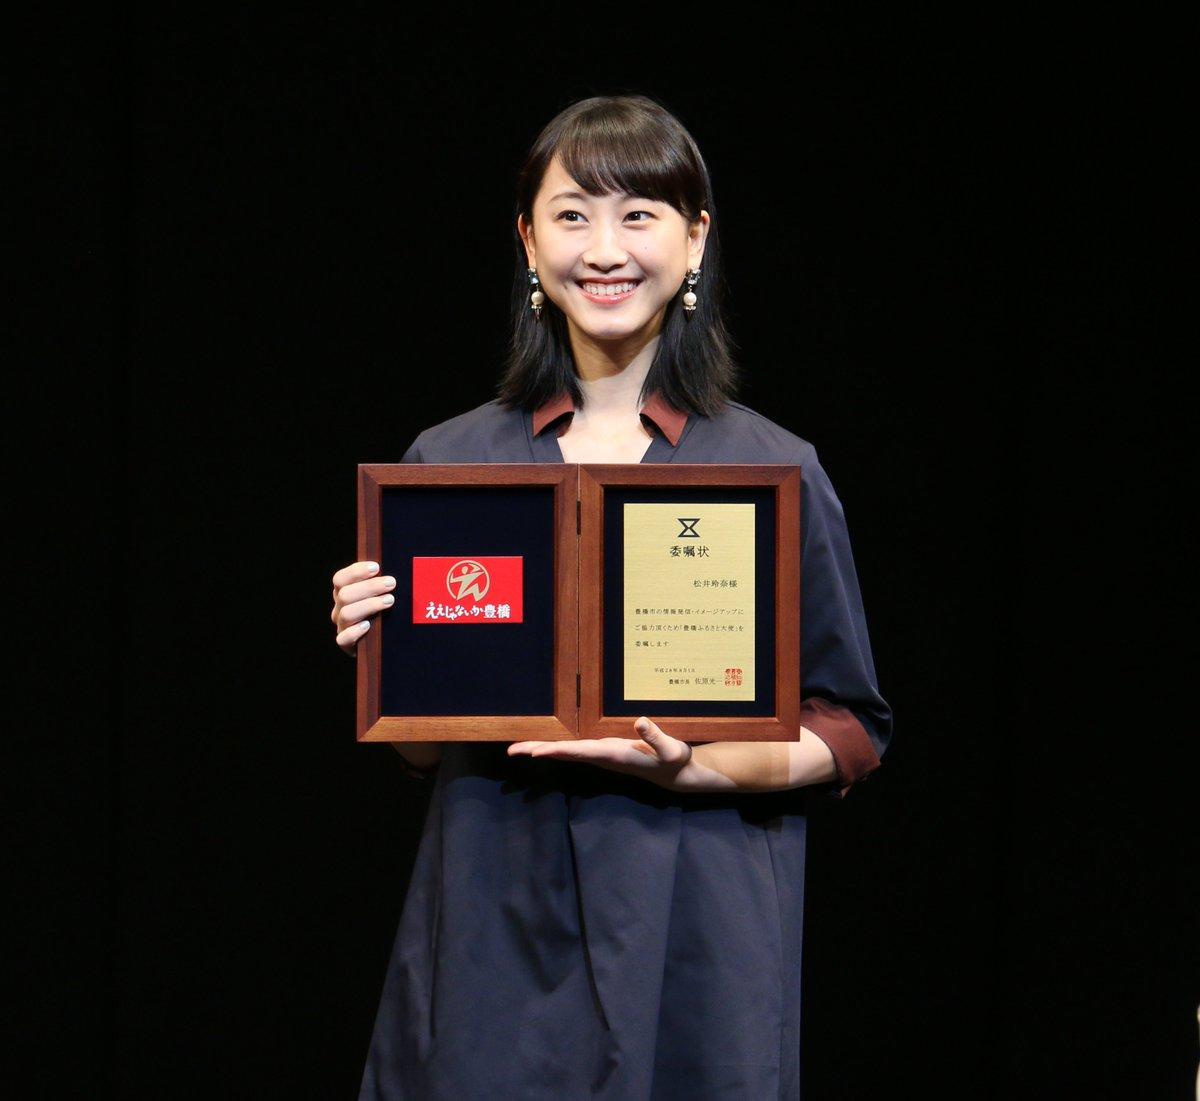 速報!(2日遅れ) 8月1日の市制施行110周年式典内で行われました「豊橋ふるさと大使」「豊橋カレーうどん大使」委嘱式の模様をお届けです。松井玲奈さんの魅力に舞台上の皆様笑顔で、終始アットホームな雰囲気のとても素敵な式典でした! https://t.co/JdeqLz0pTI